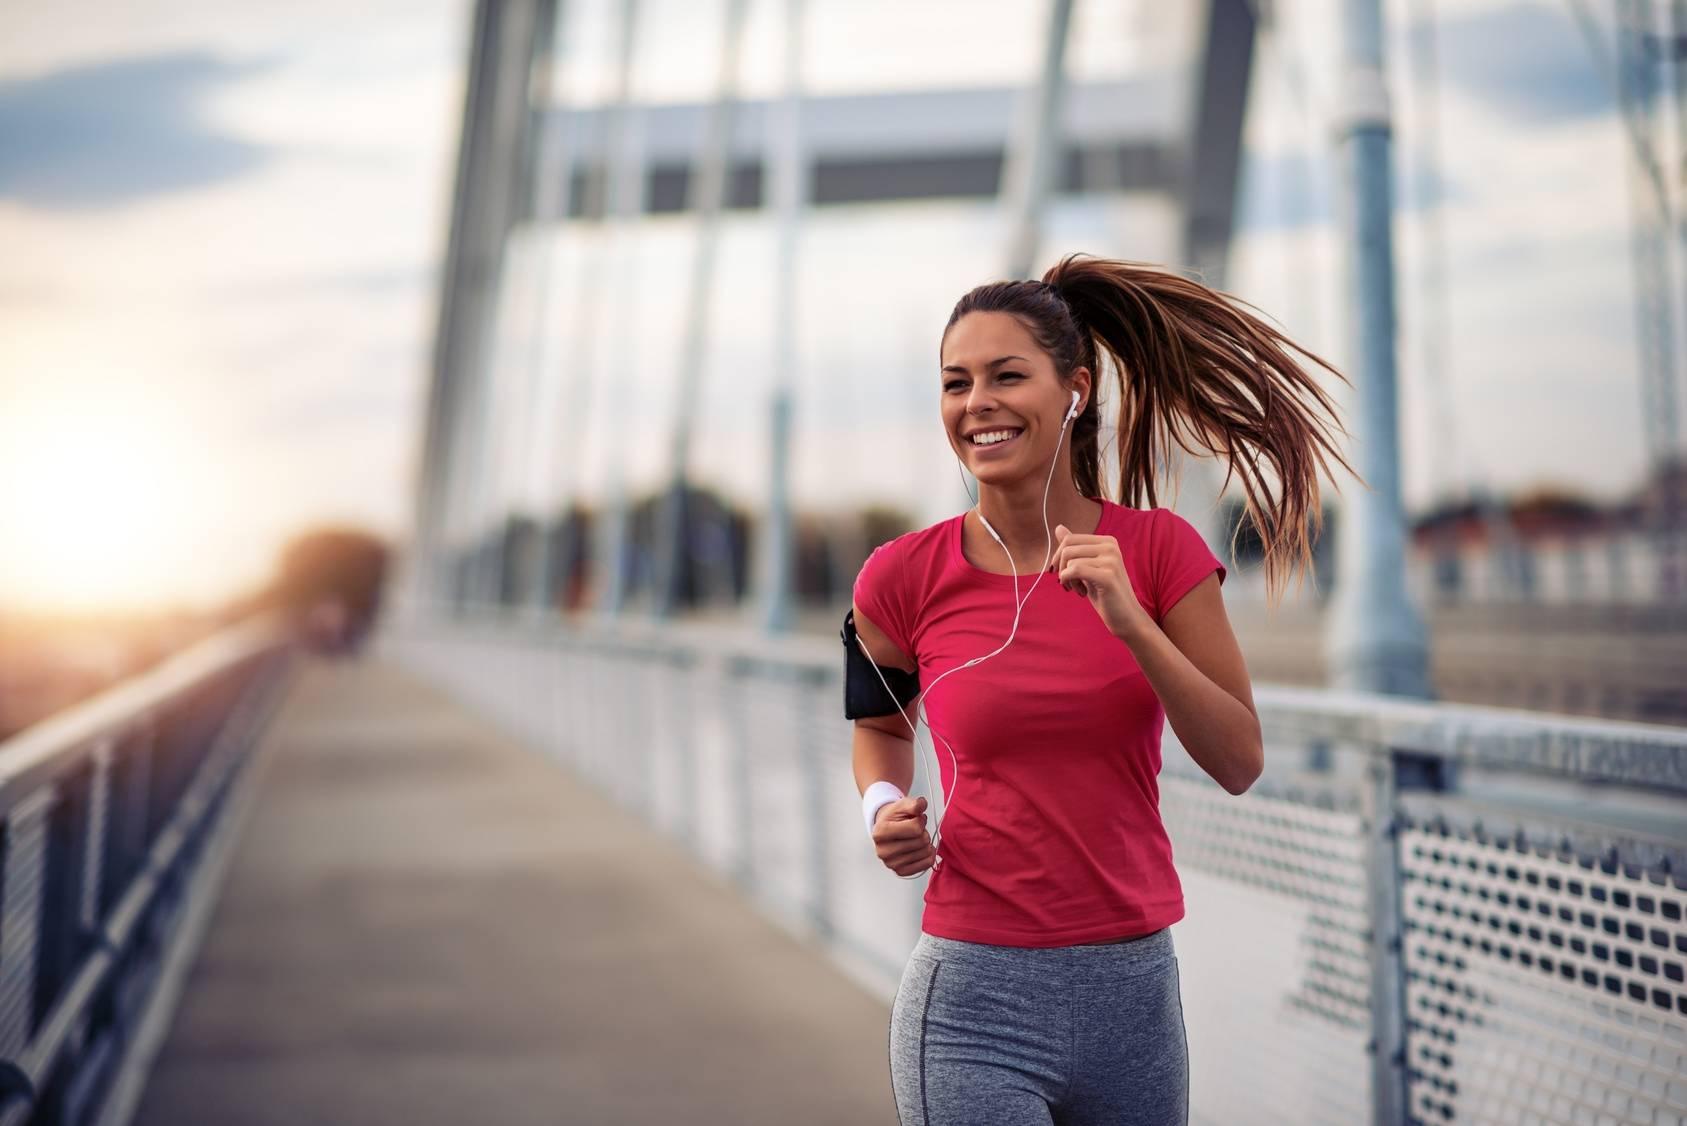 Poranny jogging - co jeść przed treningiem, a co po treningu?